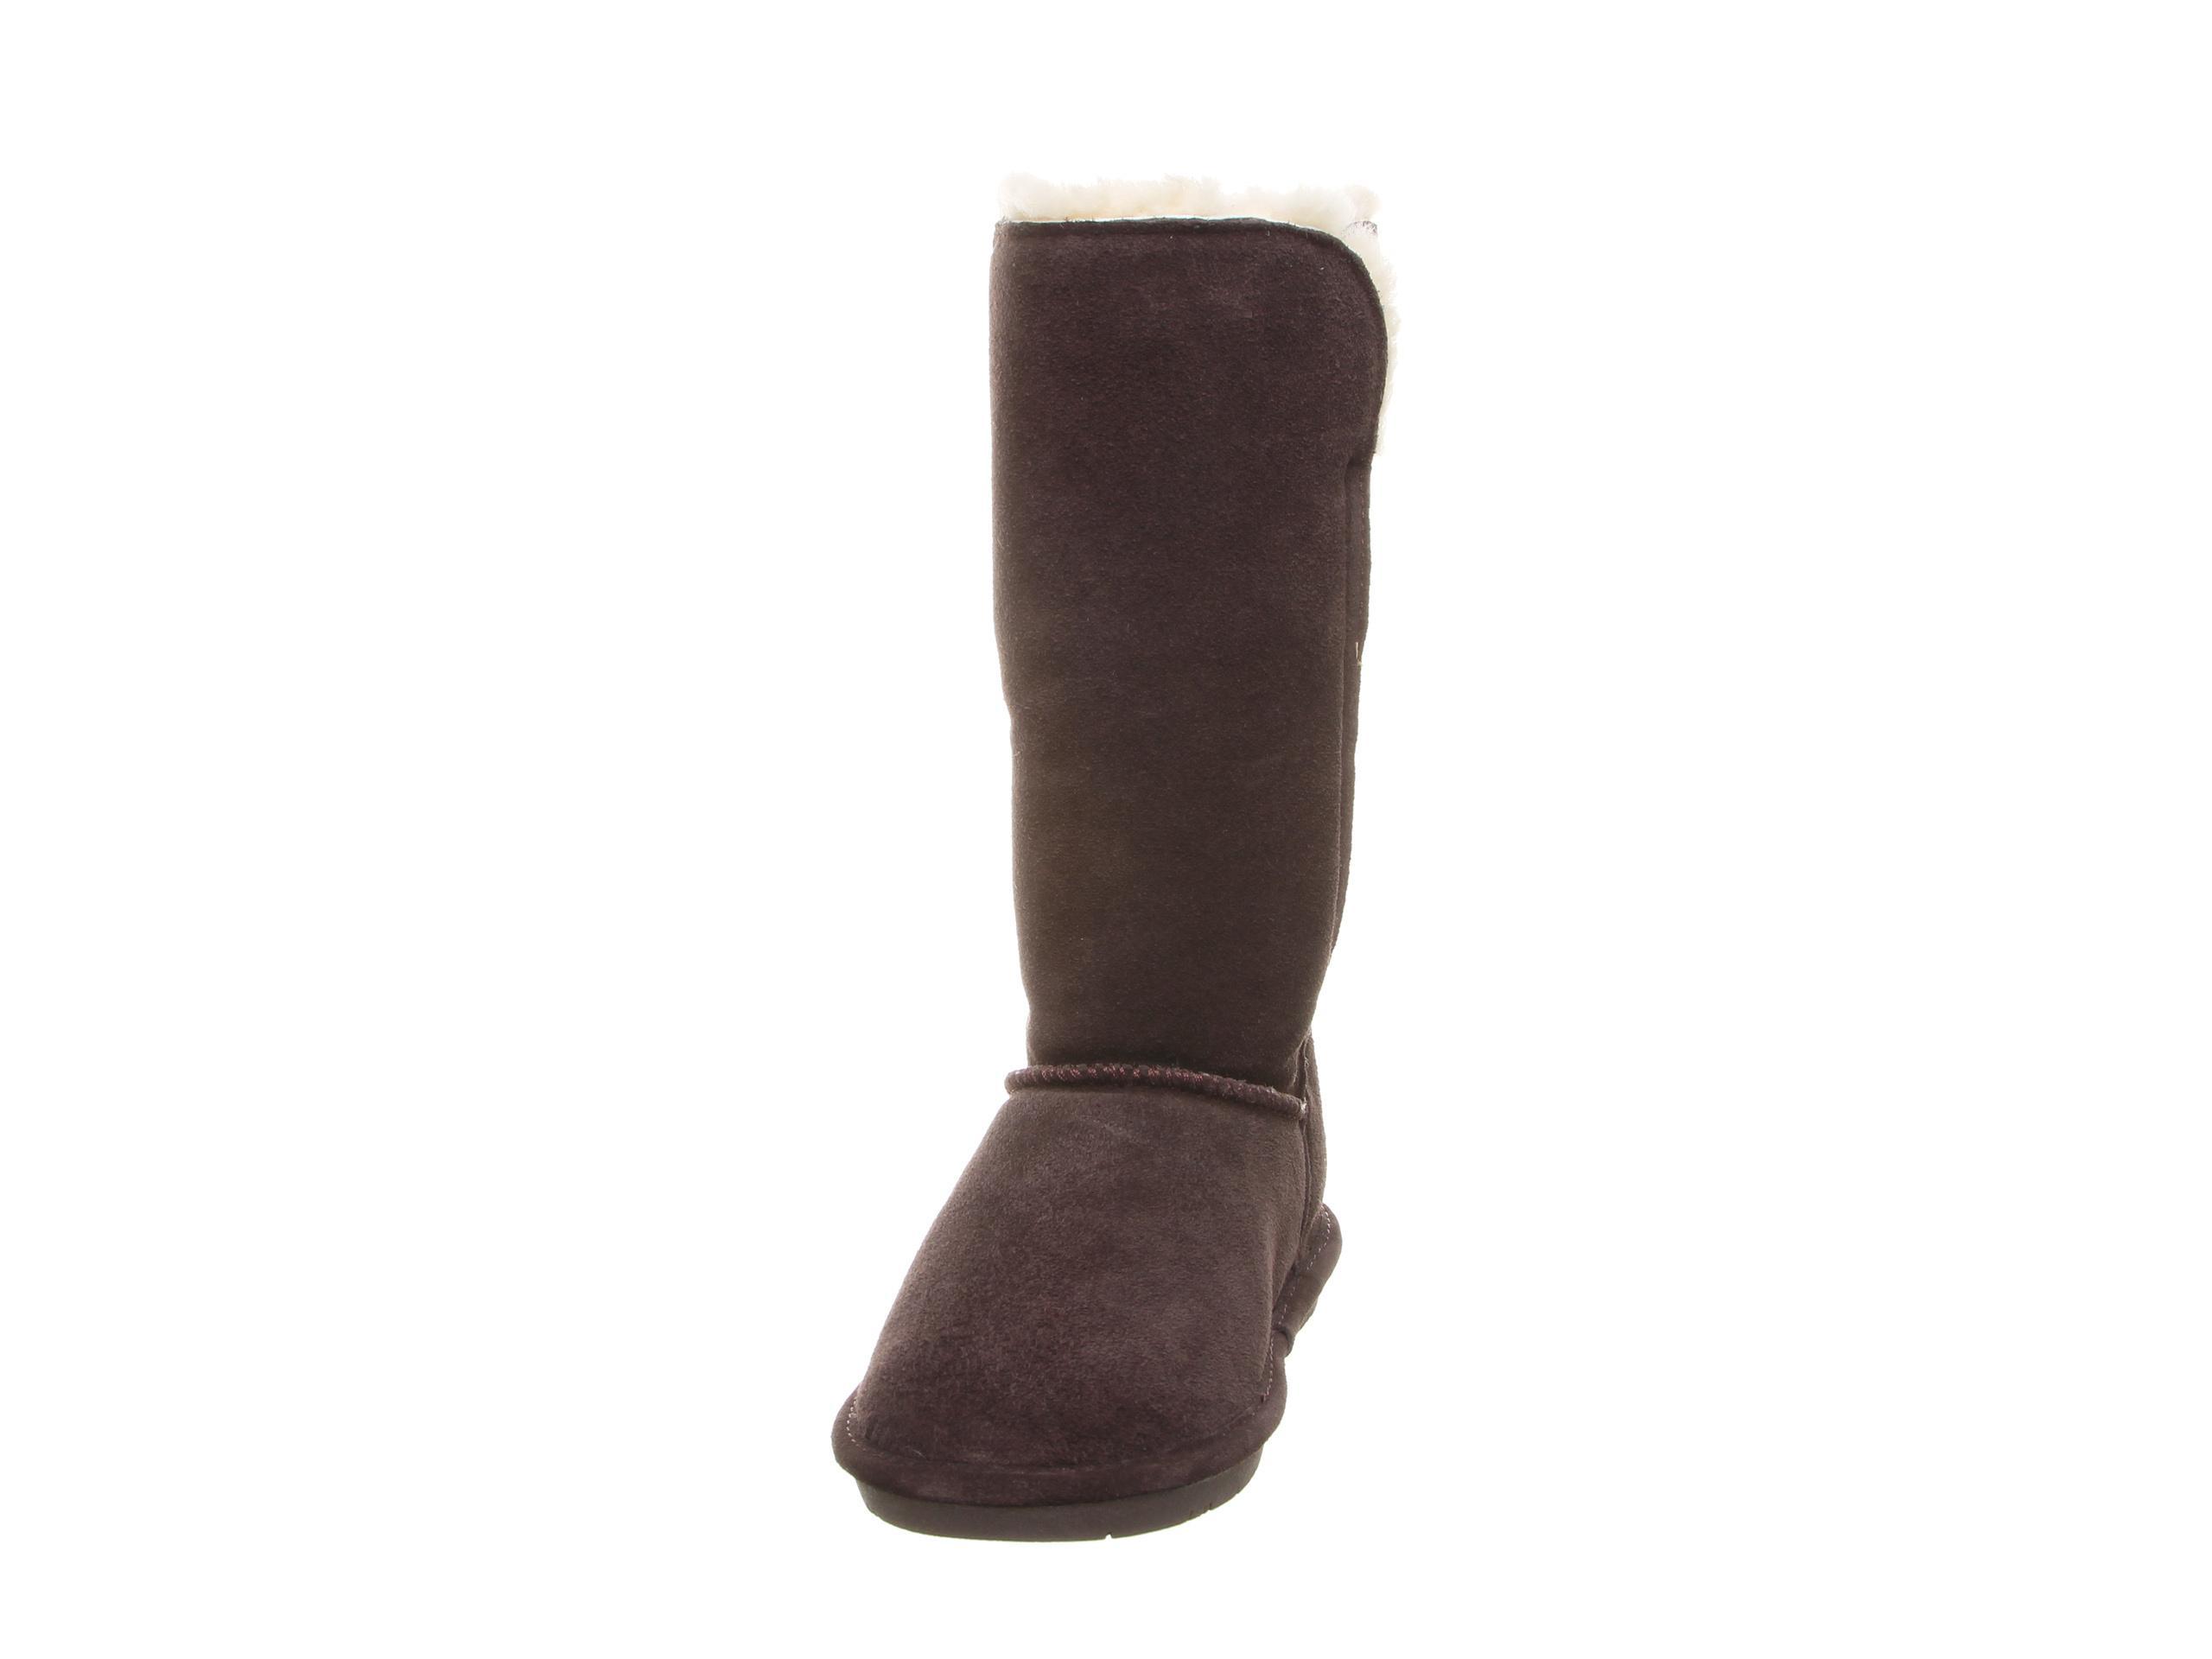 Bearpaw LAUREN Stiefel Damen CHARCOAL (030) im Online Shop von von von SportScheck kaufen Gute Qualität beliebte Schuhe 041248